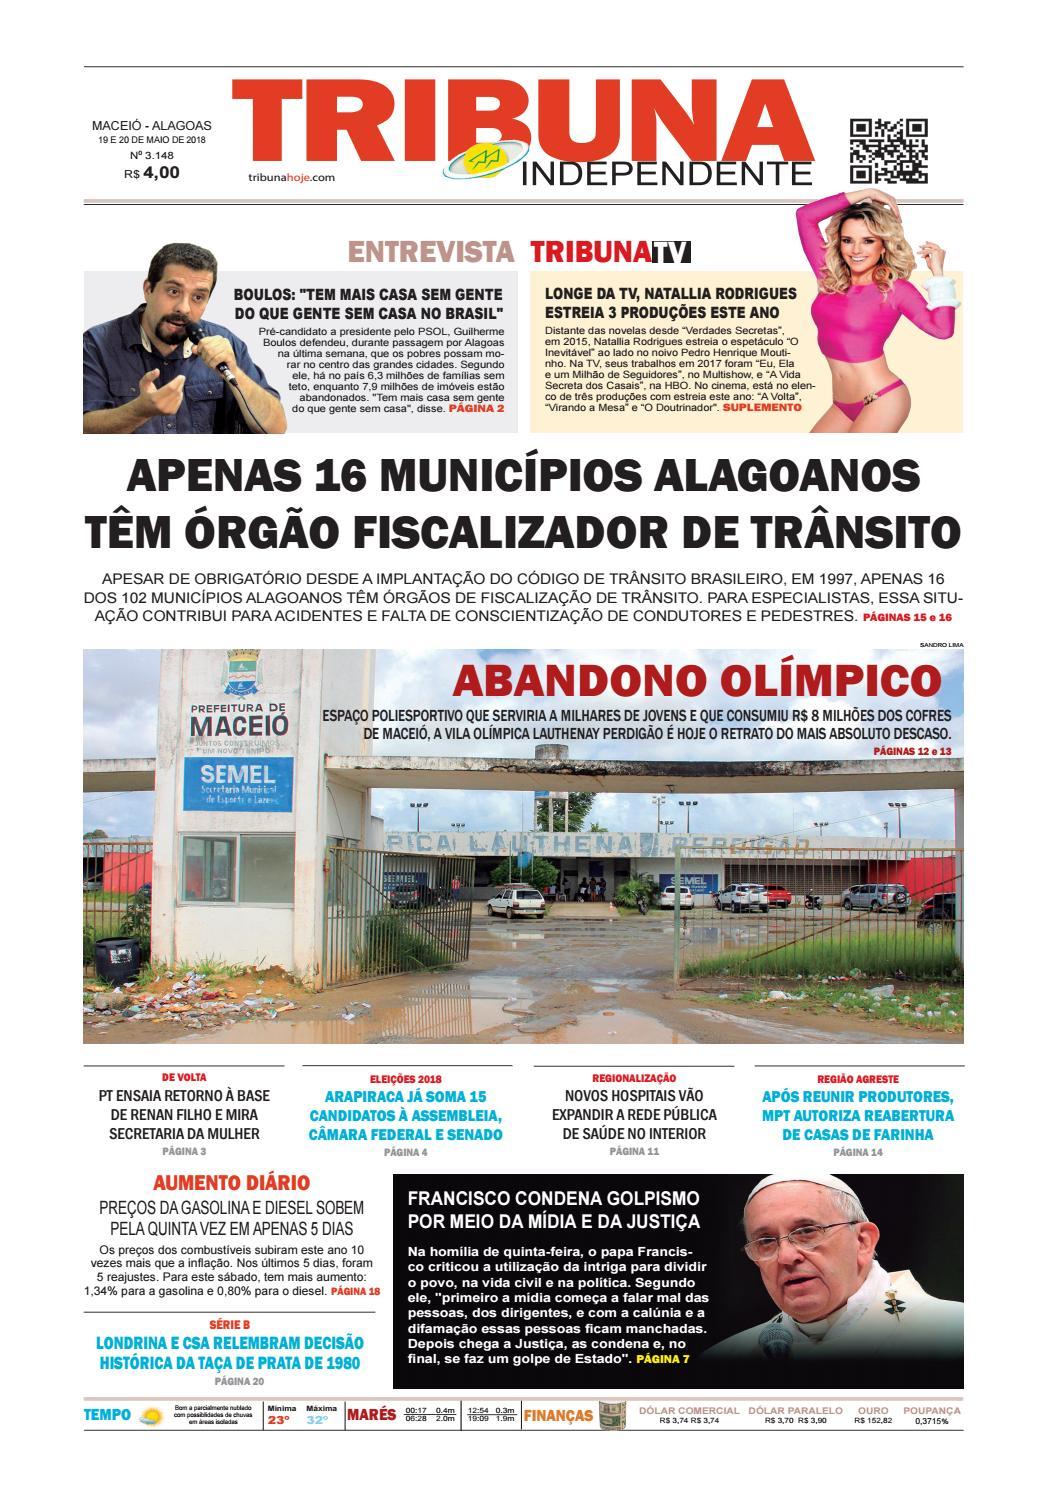 e1c1a96e77 Edição número 3148 - 19 e 20 de maio de 2018 by Tribuna Hoje - issuu